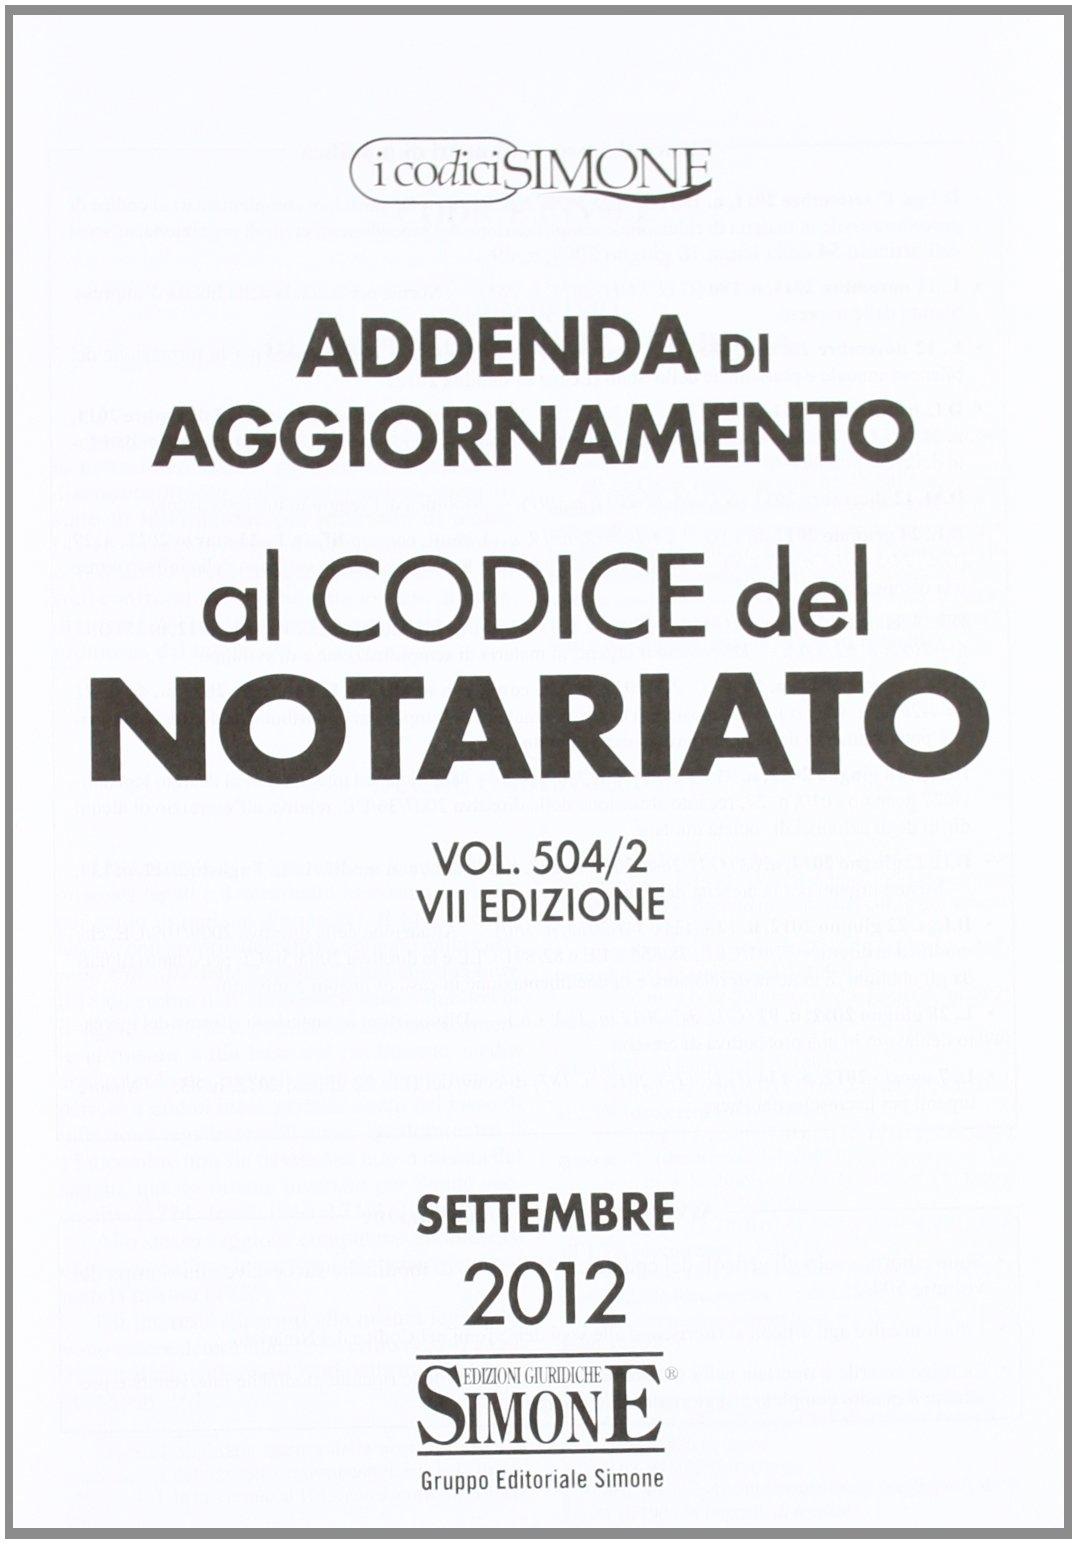 Codice del notariato. Con appendice di aggiornamento al codice di notariato e addenda di aggornamento al codice del notariato